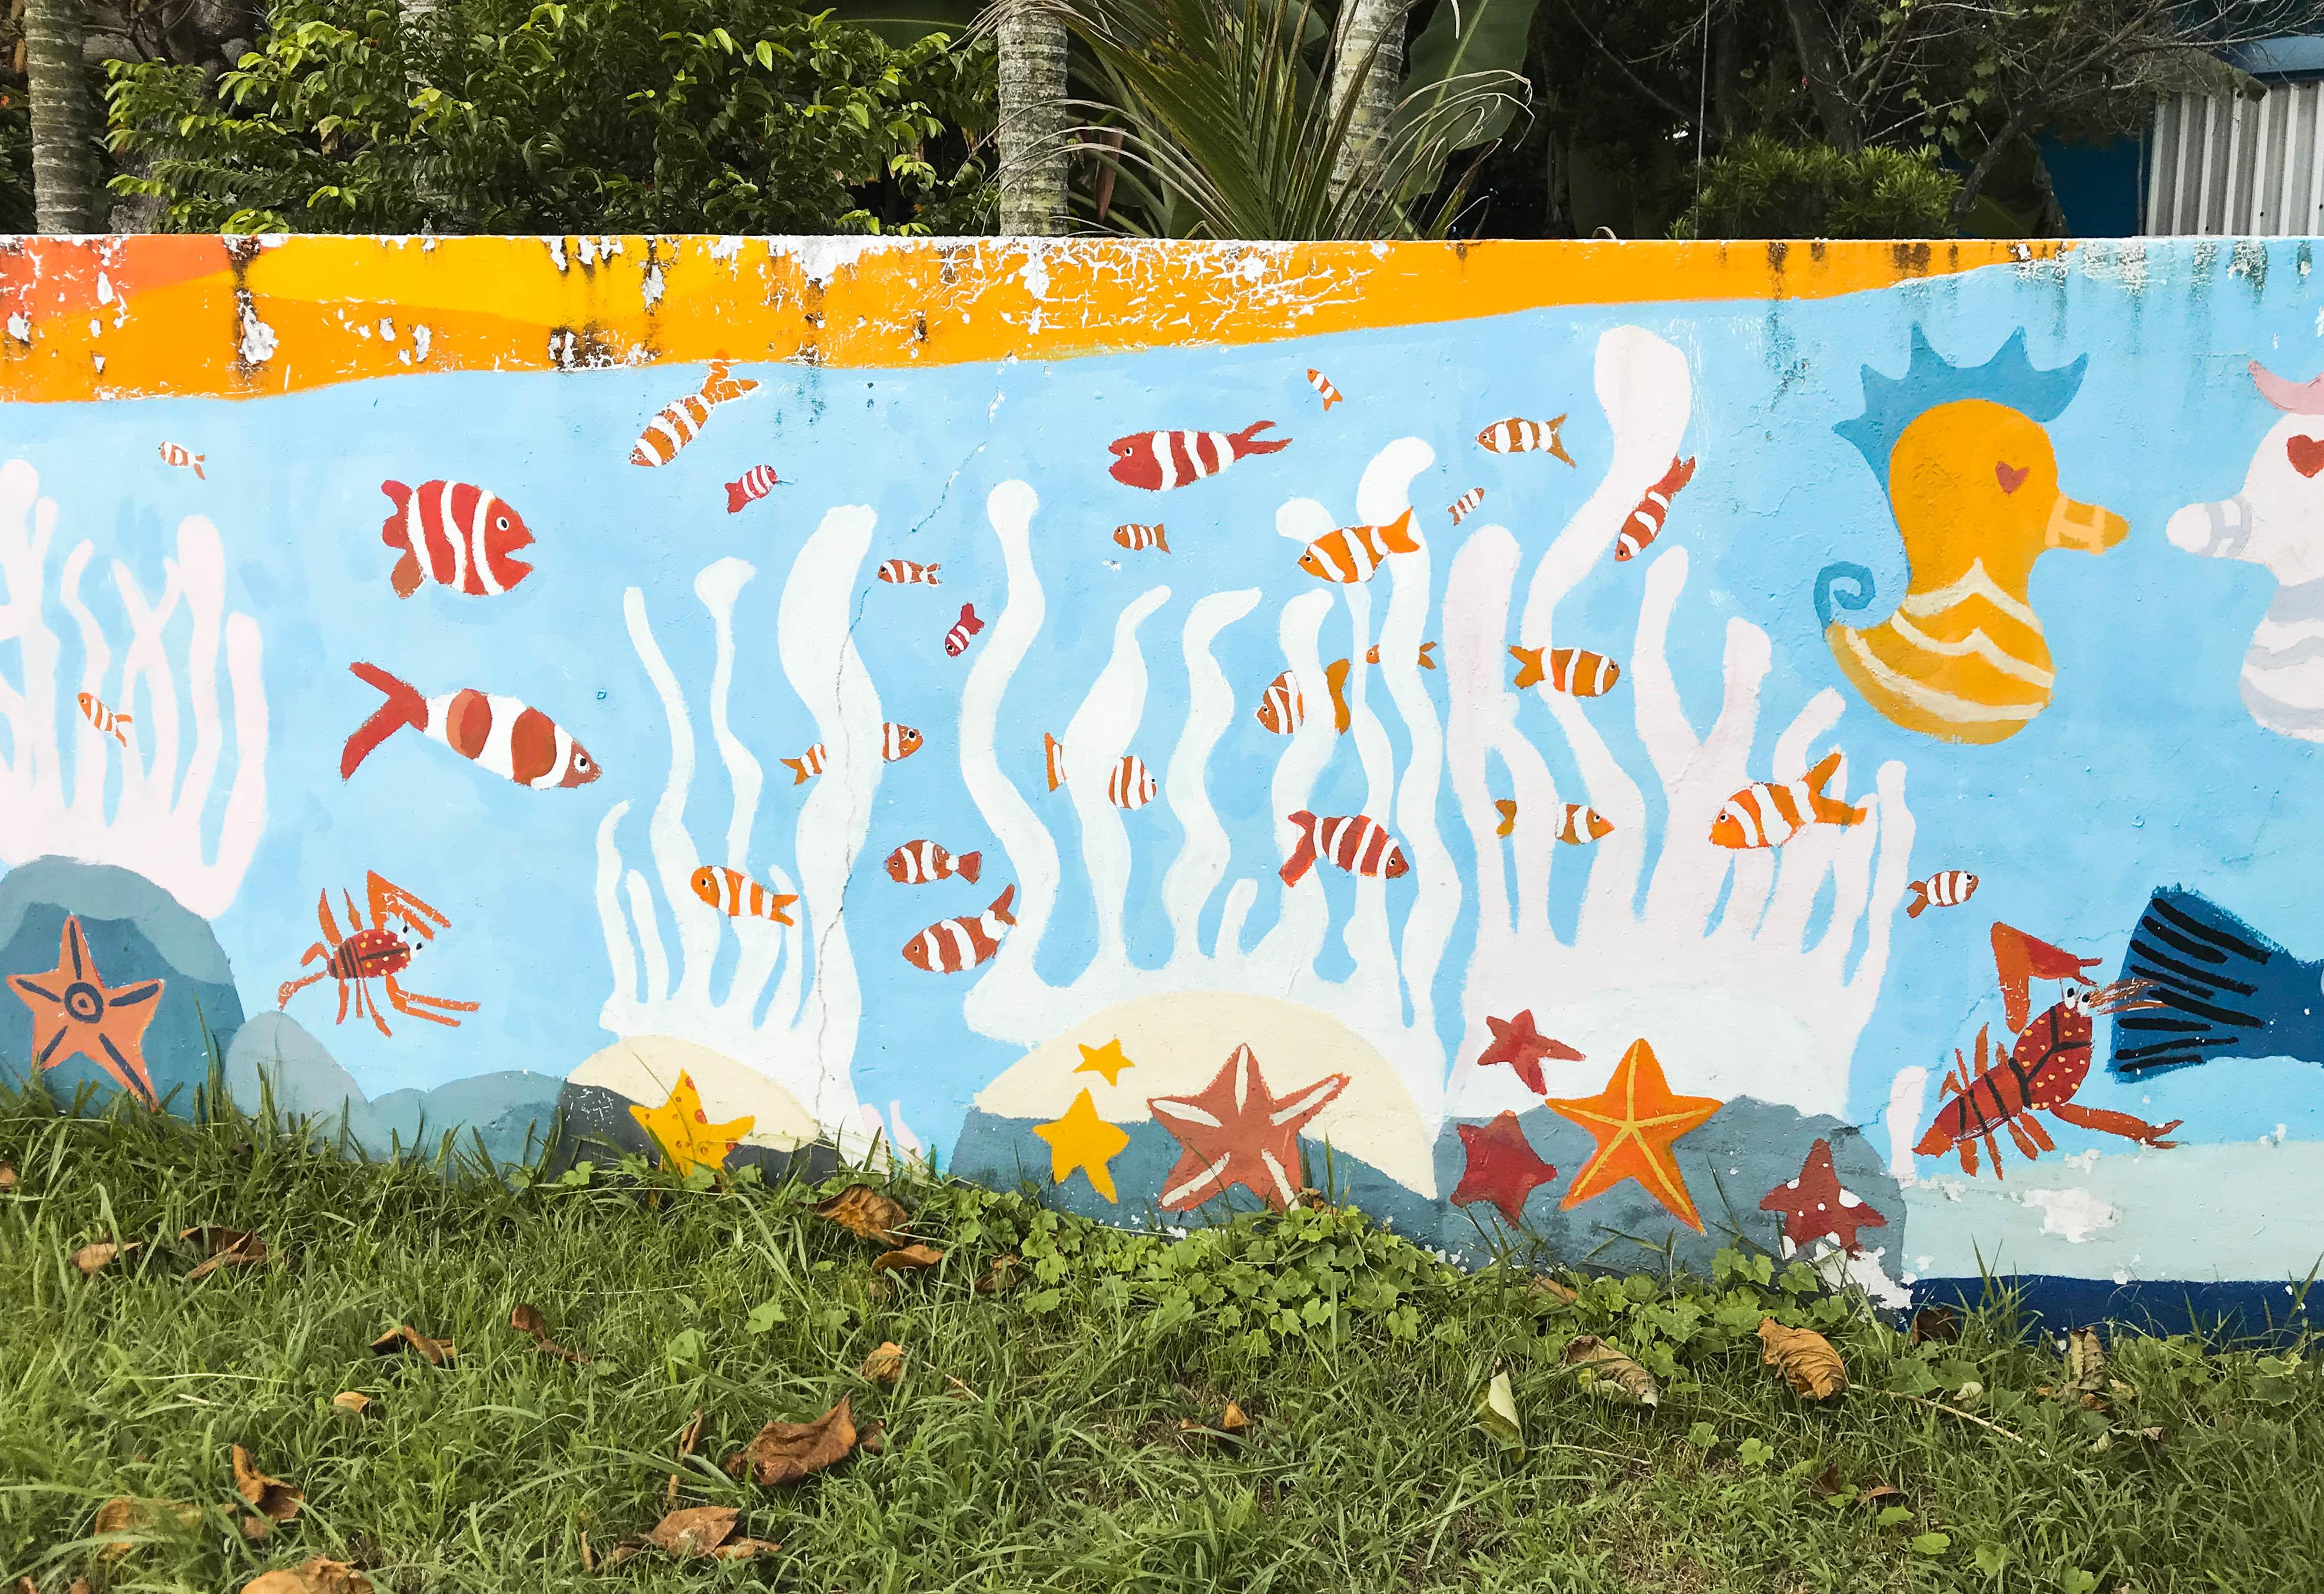 校園圍牆由孩子們彩繪心目中的蘭嶼